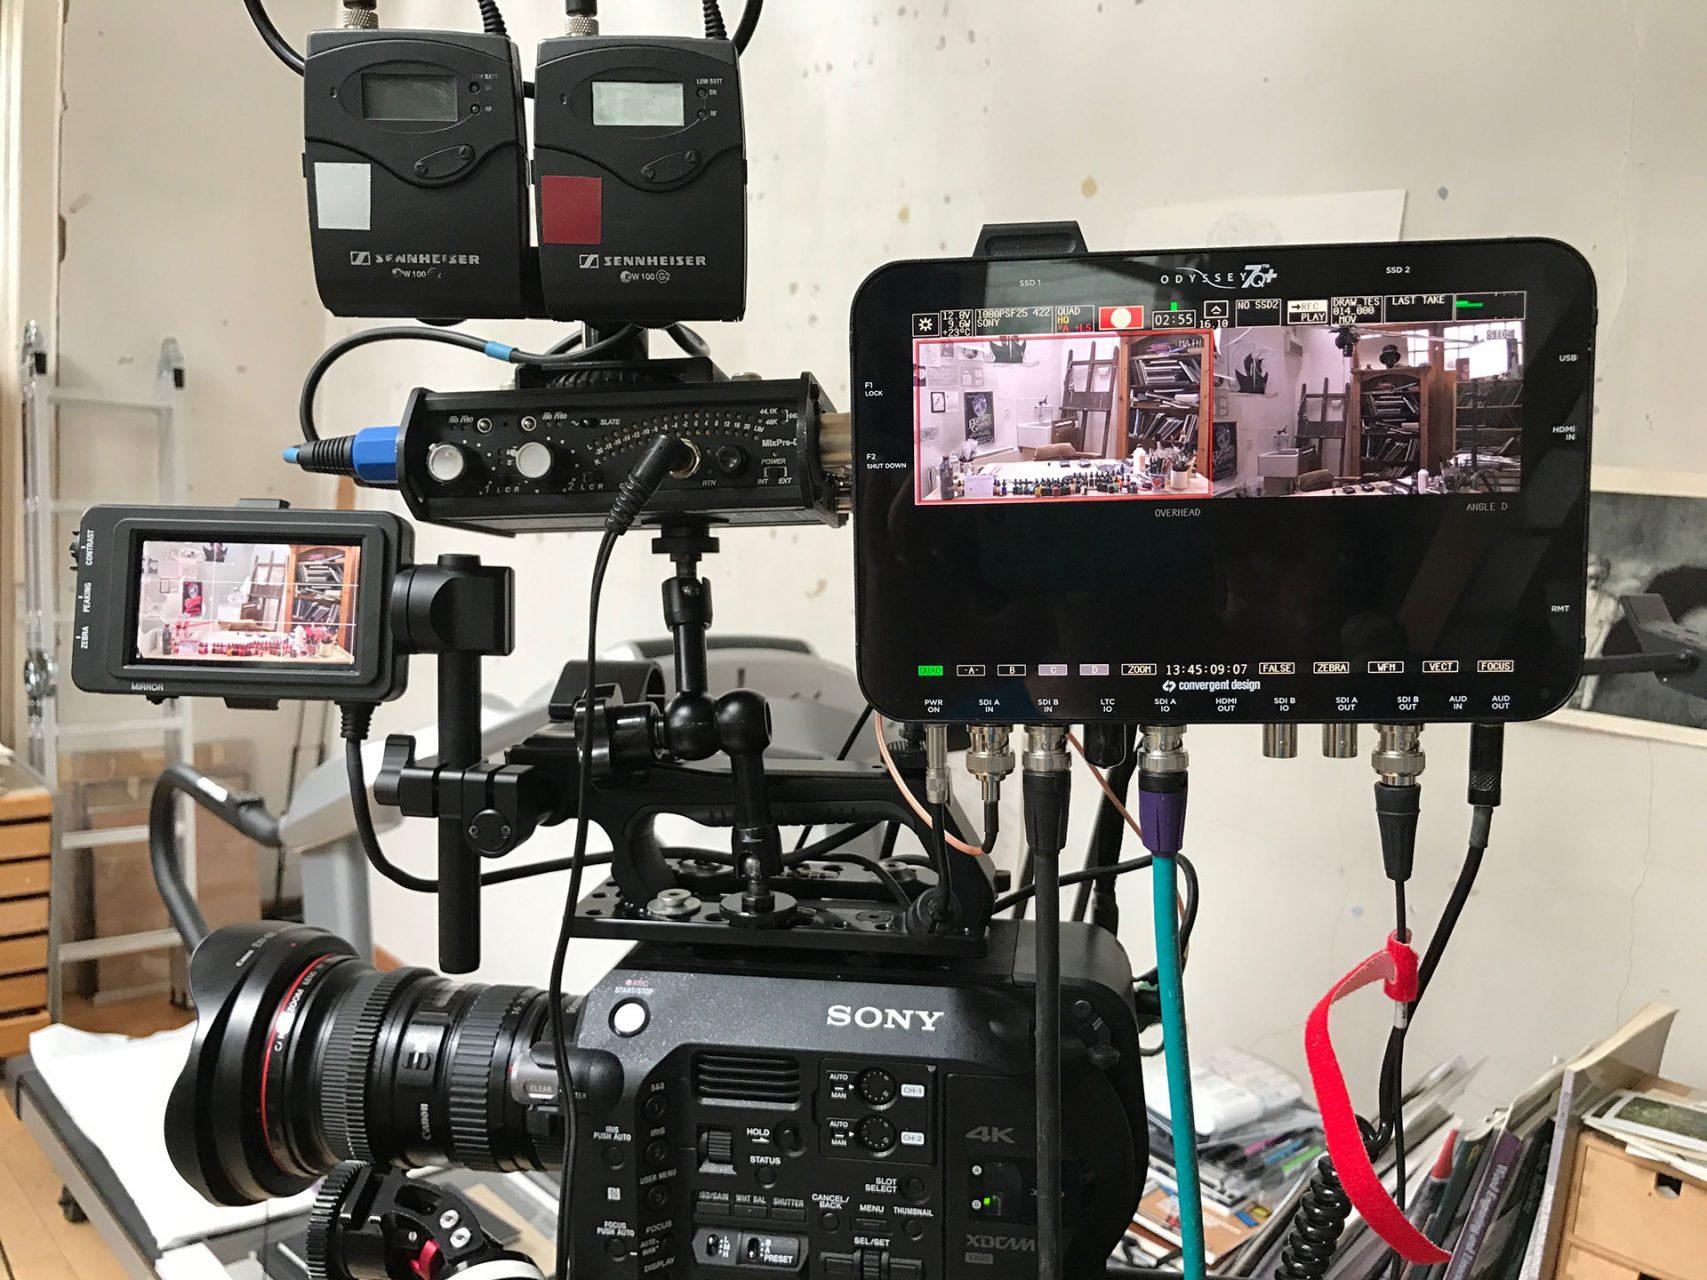 Fieldcraft Studios cameras ready to go - Facebook Live event